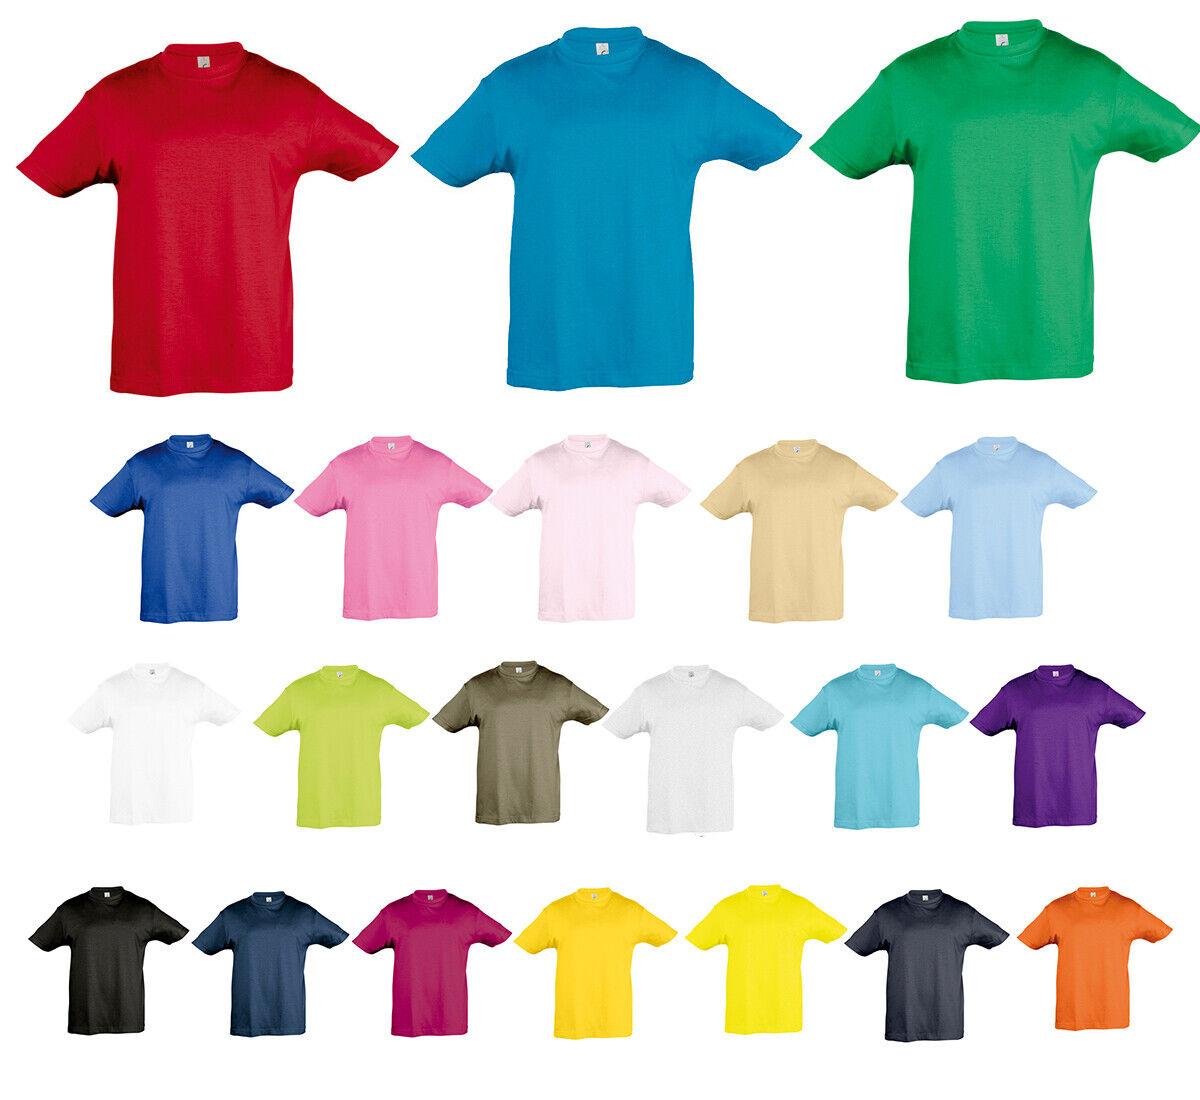 Kinder T-Shirt Shirt für Jungen und Mädchen 86 94 96 104 106 116 118 128 - 152